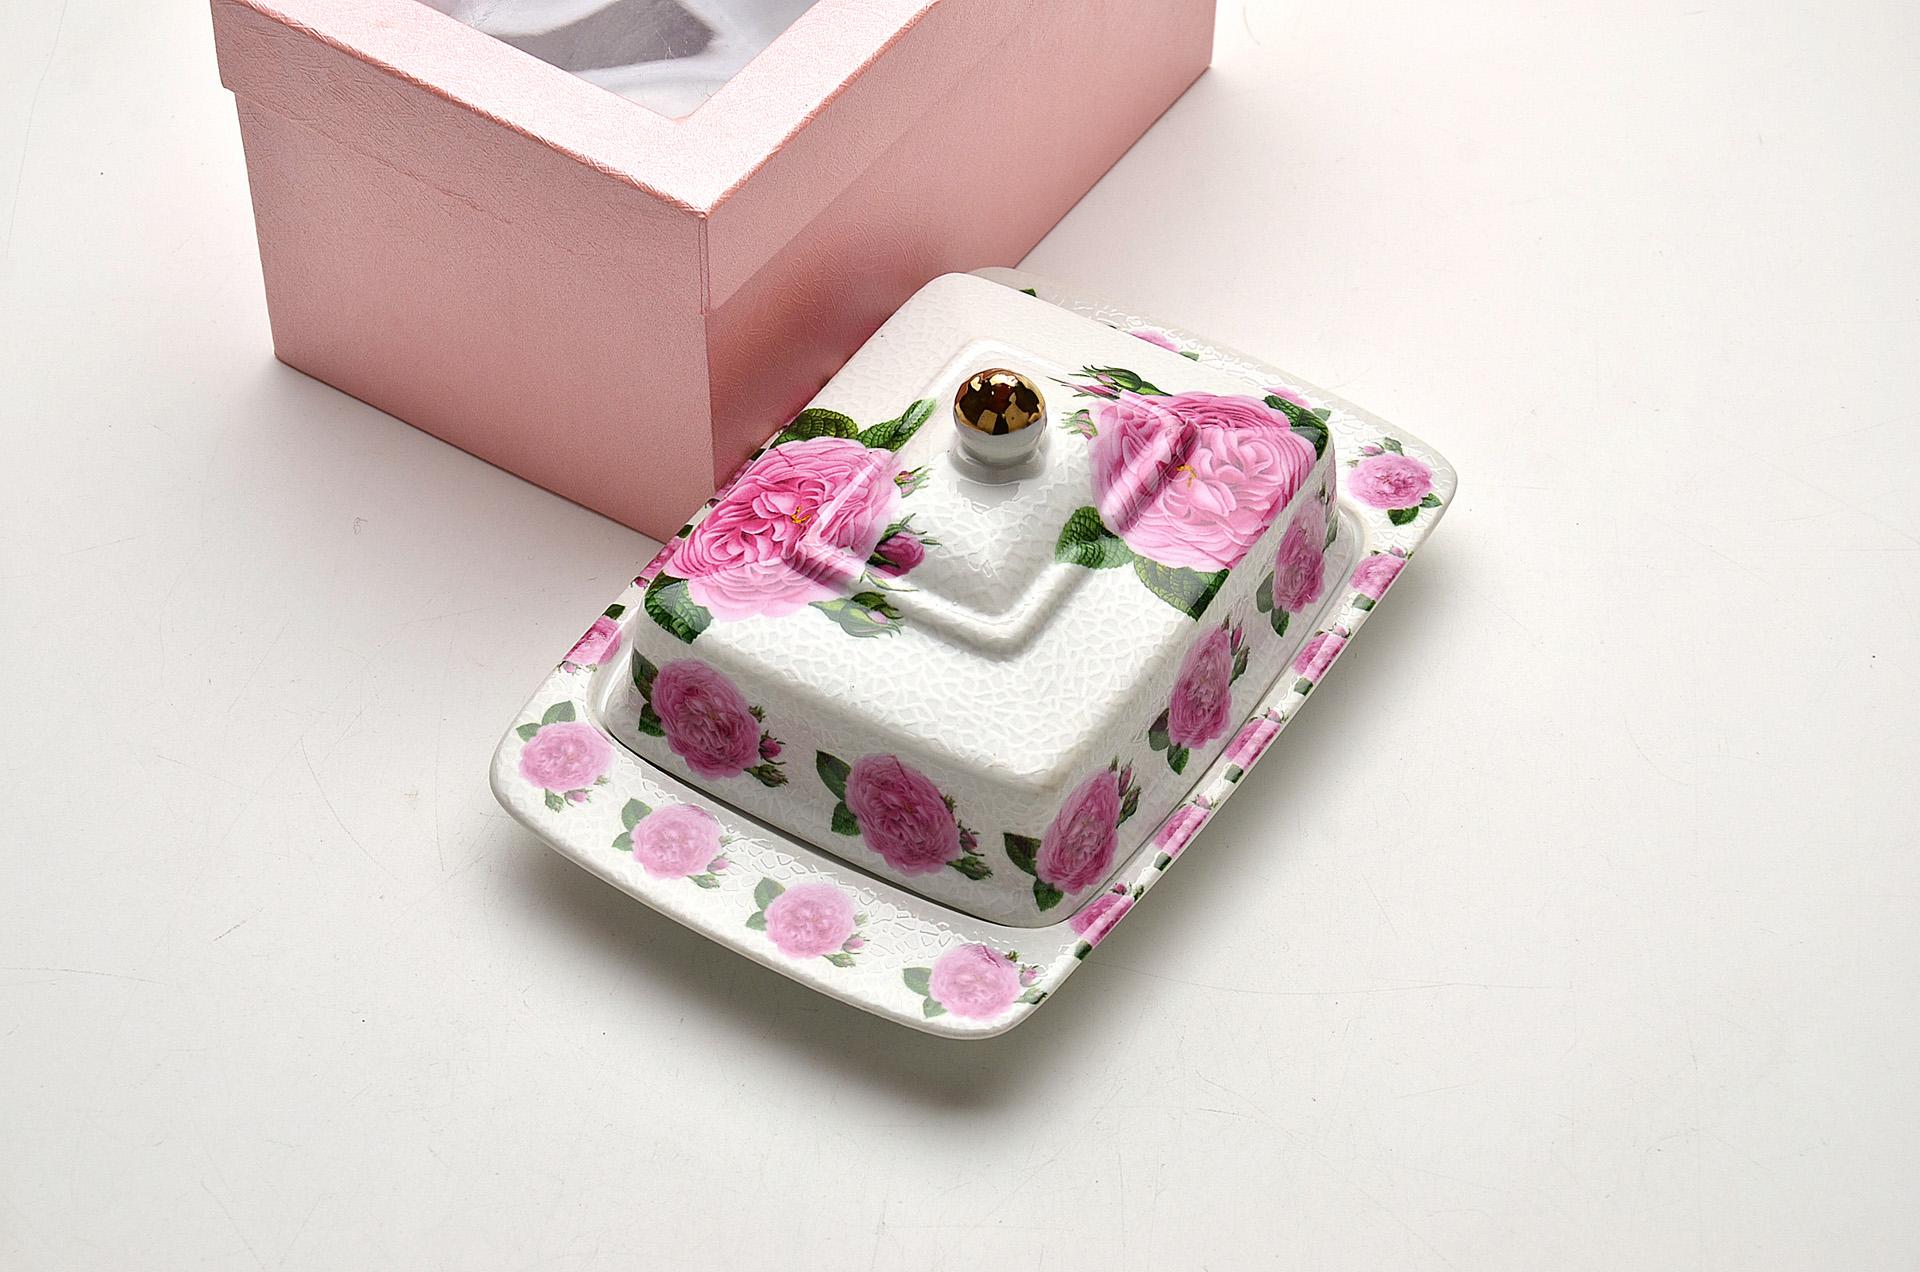 Масленка Loraine Розы21095Масленка Loraine Розы, выполненная из высококачественной керамики в виде подноса с крышкой, станет не заменимым помощником на вашей кухне. Изделие оформлено яркими изображениями цветов и имеет изысканный внешний вид. Масленка предназначена для красивой сервировки стола и хранения масла. Изделие упаковано в подарочную коробку с атласной подложкой. Размер подноса: 20 см х 13,5 см х 2 см. Высота масленки (с учетом крышки): 9,5 см.